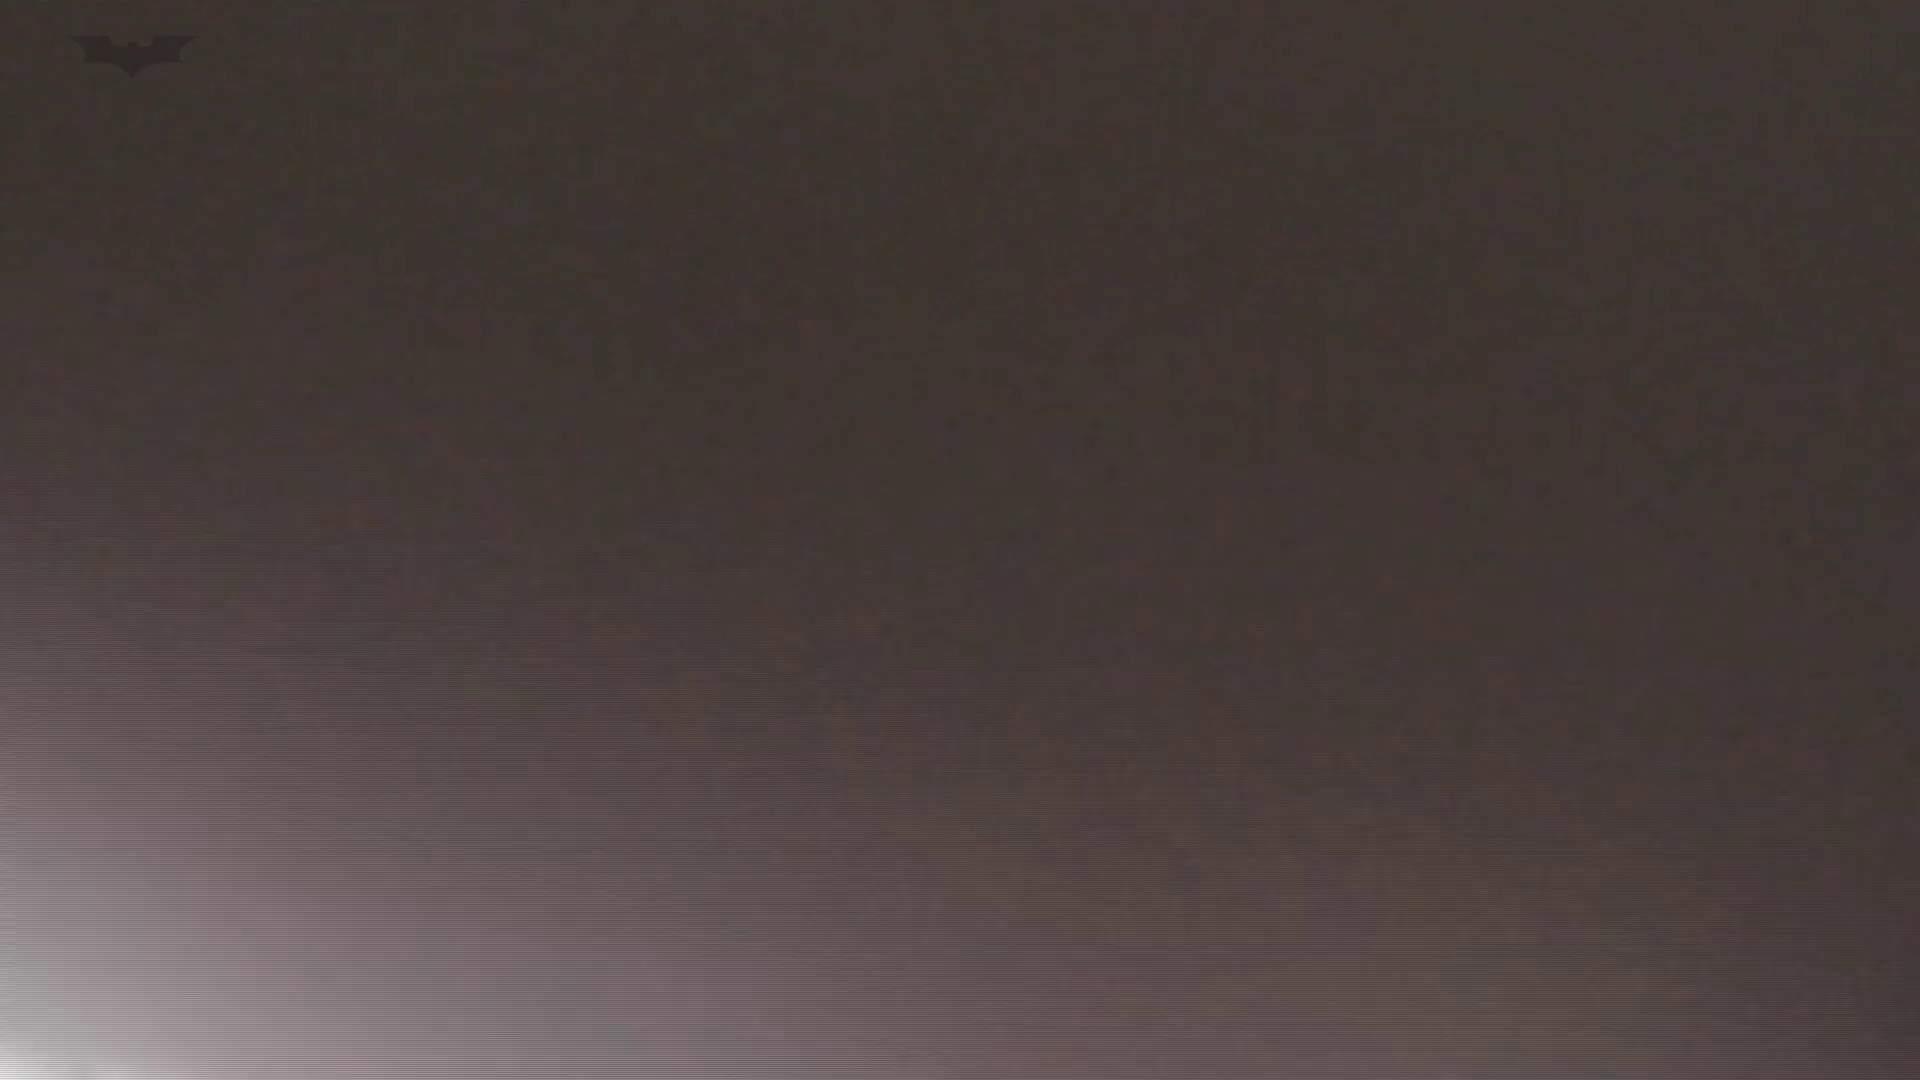 ステーション編 vol43 ゆきりん、長蛇の列生足たちに怒られる 丸見え オメコ動画キャプチャ 112枚 57